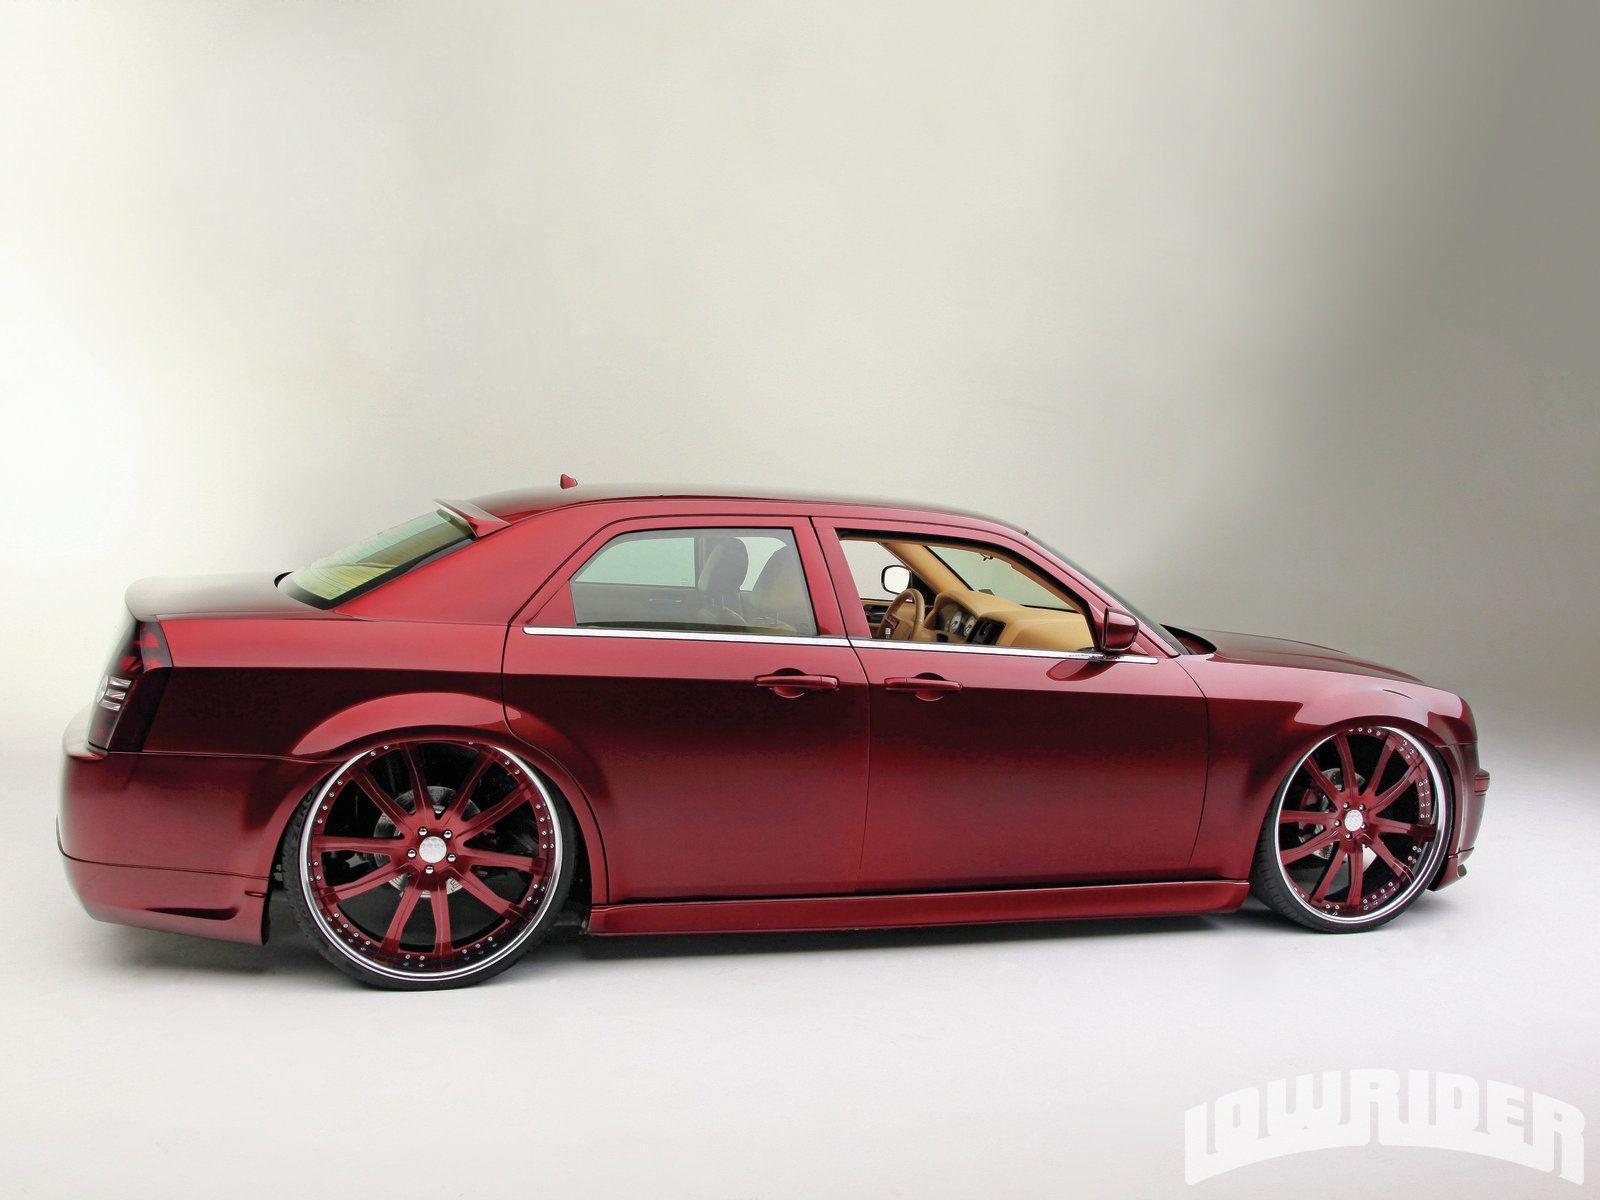 2008 Chrysler 300 Lowrider Magazine Chrysler 300